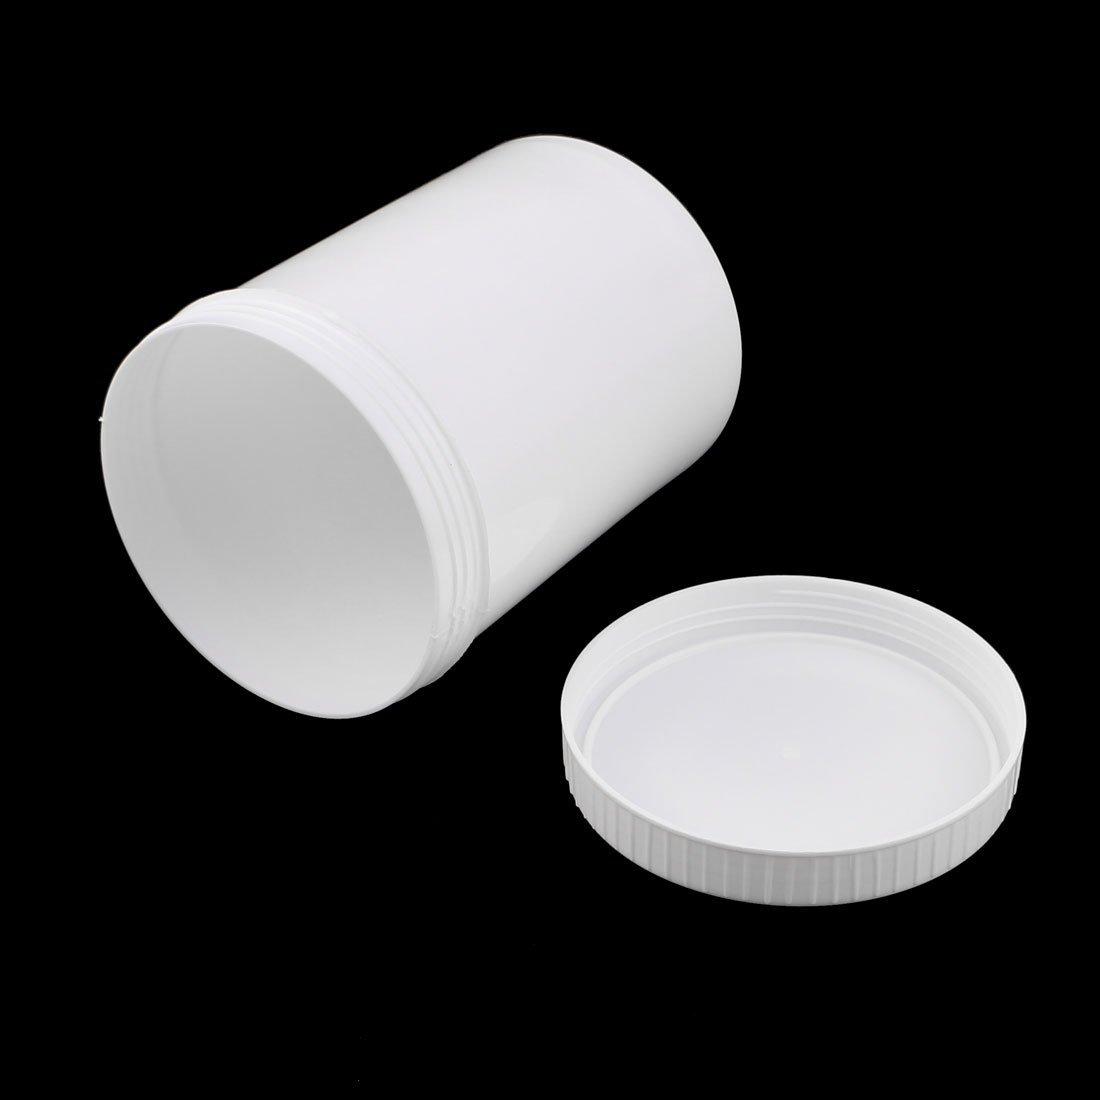 eDealMax 2pcs 1000ml de impresión de plástico del depósito de Tinta en polvo de almacenamiento de sellado tarro Espesar Blanca: Amazon.com: Industrial & ...